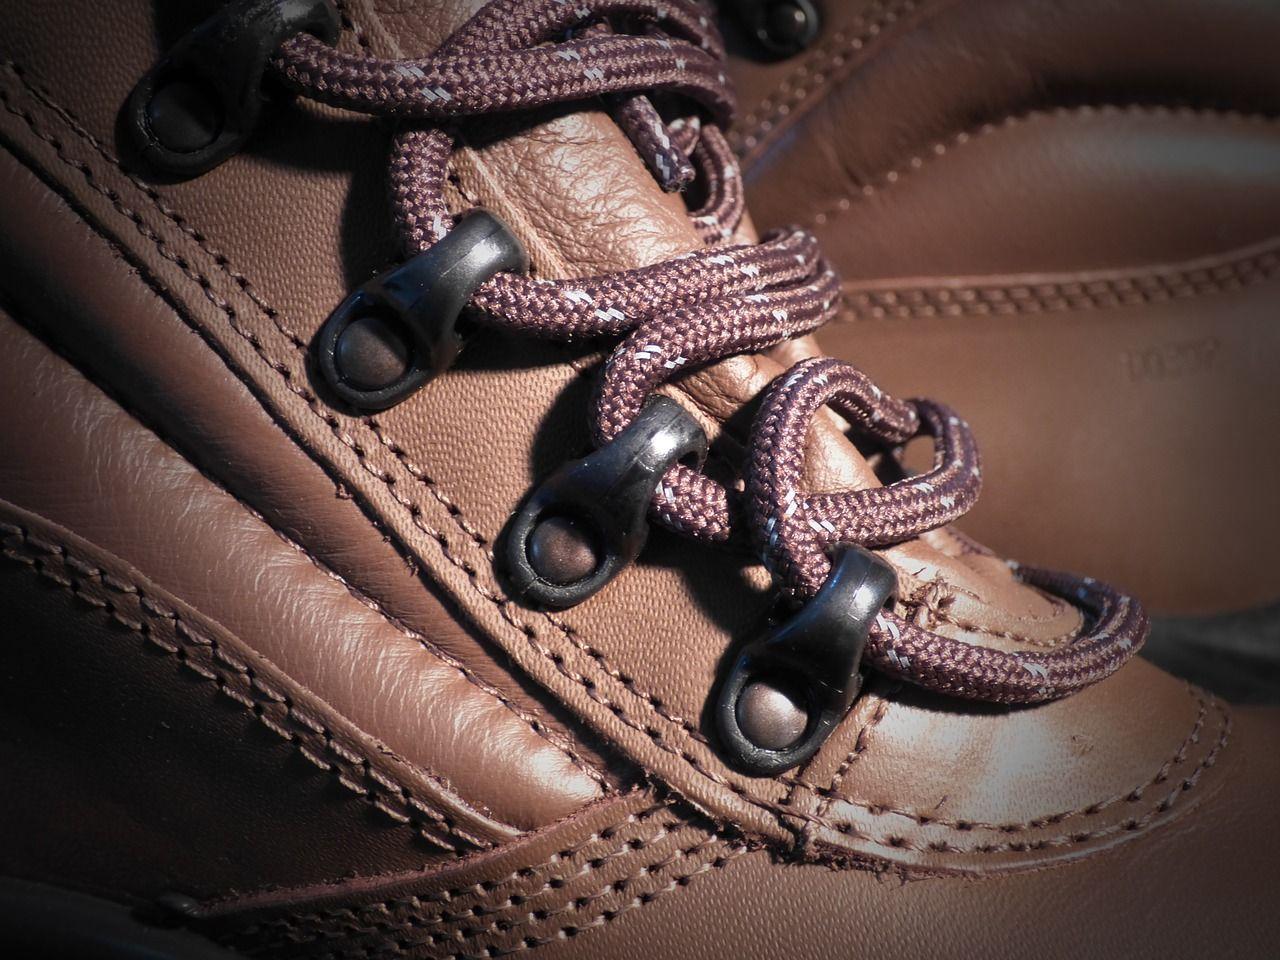 El calzado de seguridad, esencial en actividades laborales de riesgo, según Suministros Tomás Beltrán